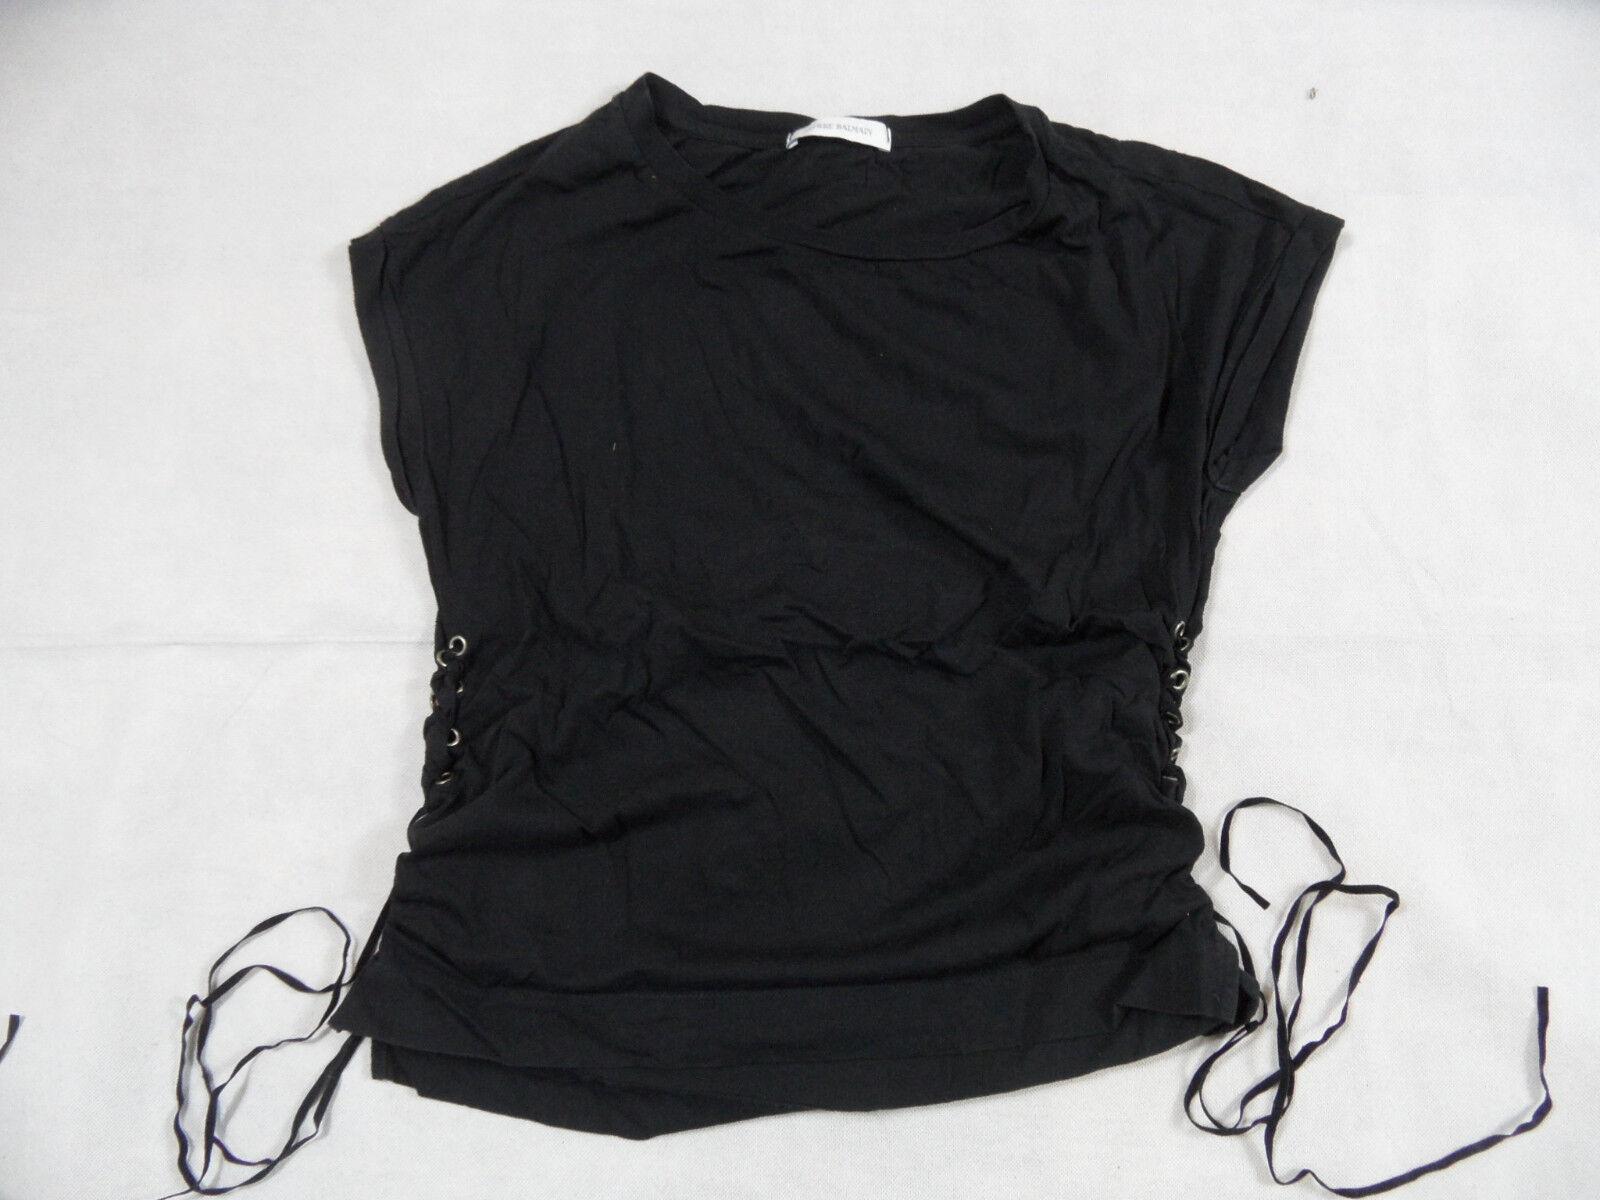 PIERRE BALMAIN tolles Shirt schwarz mit Schnürung Gr. 36 TOP BI119